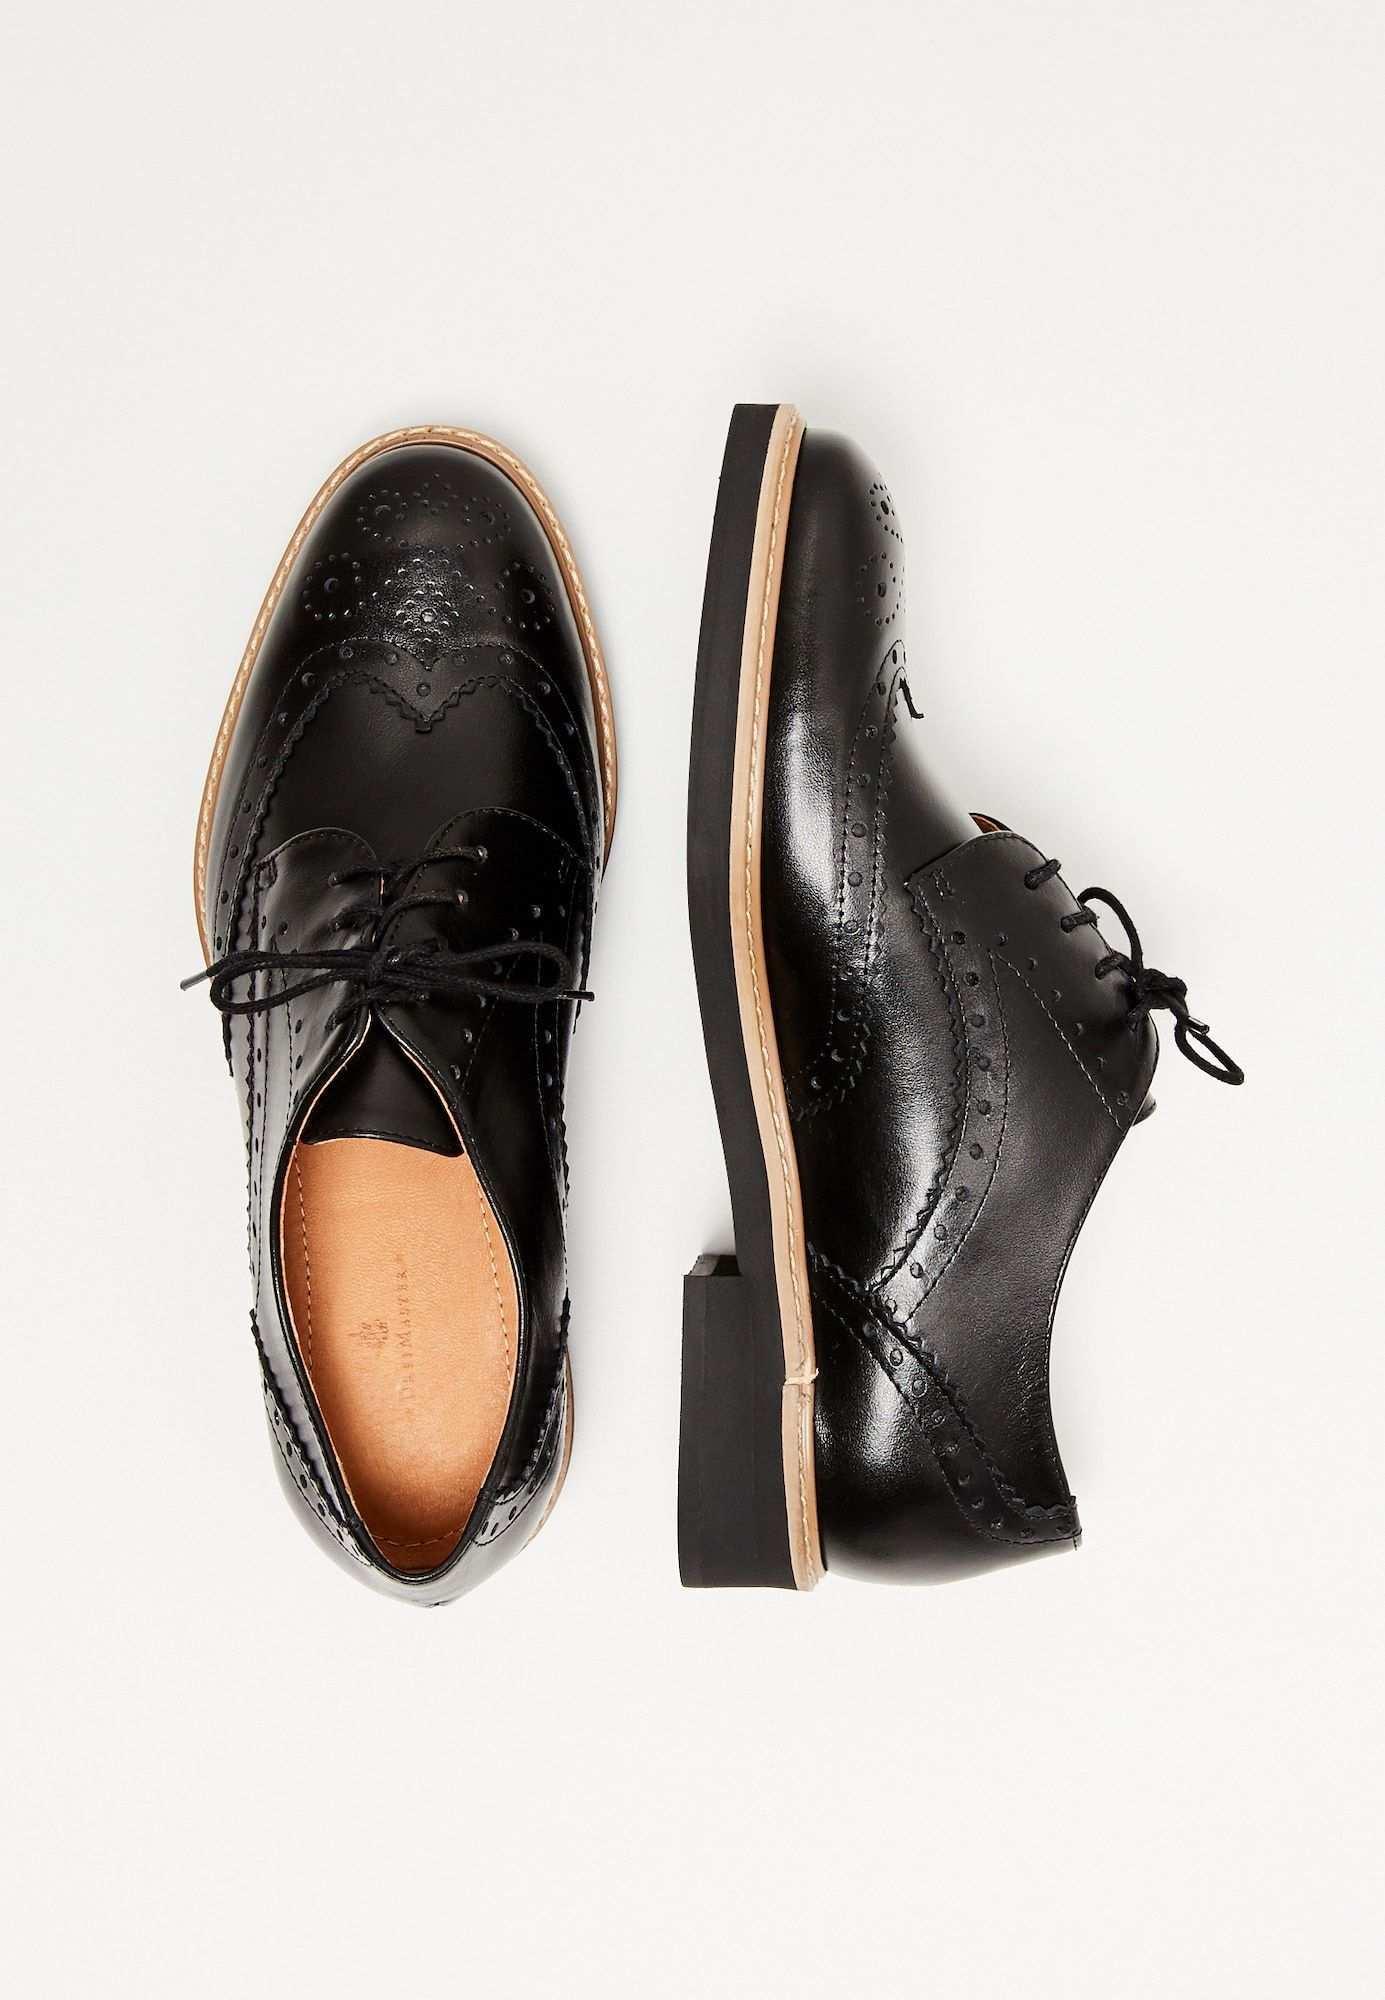 Dreimaster Budapester In Schwarz Dreimaster Budapester Damen Schwarz Grosse 41 Budapester Cooles Schuhe Damen Sneaker Schuhe Damen Sommer Schuhe Damen